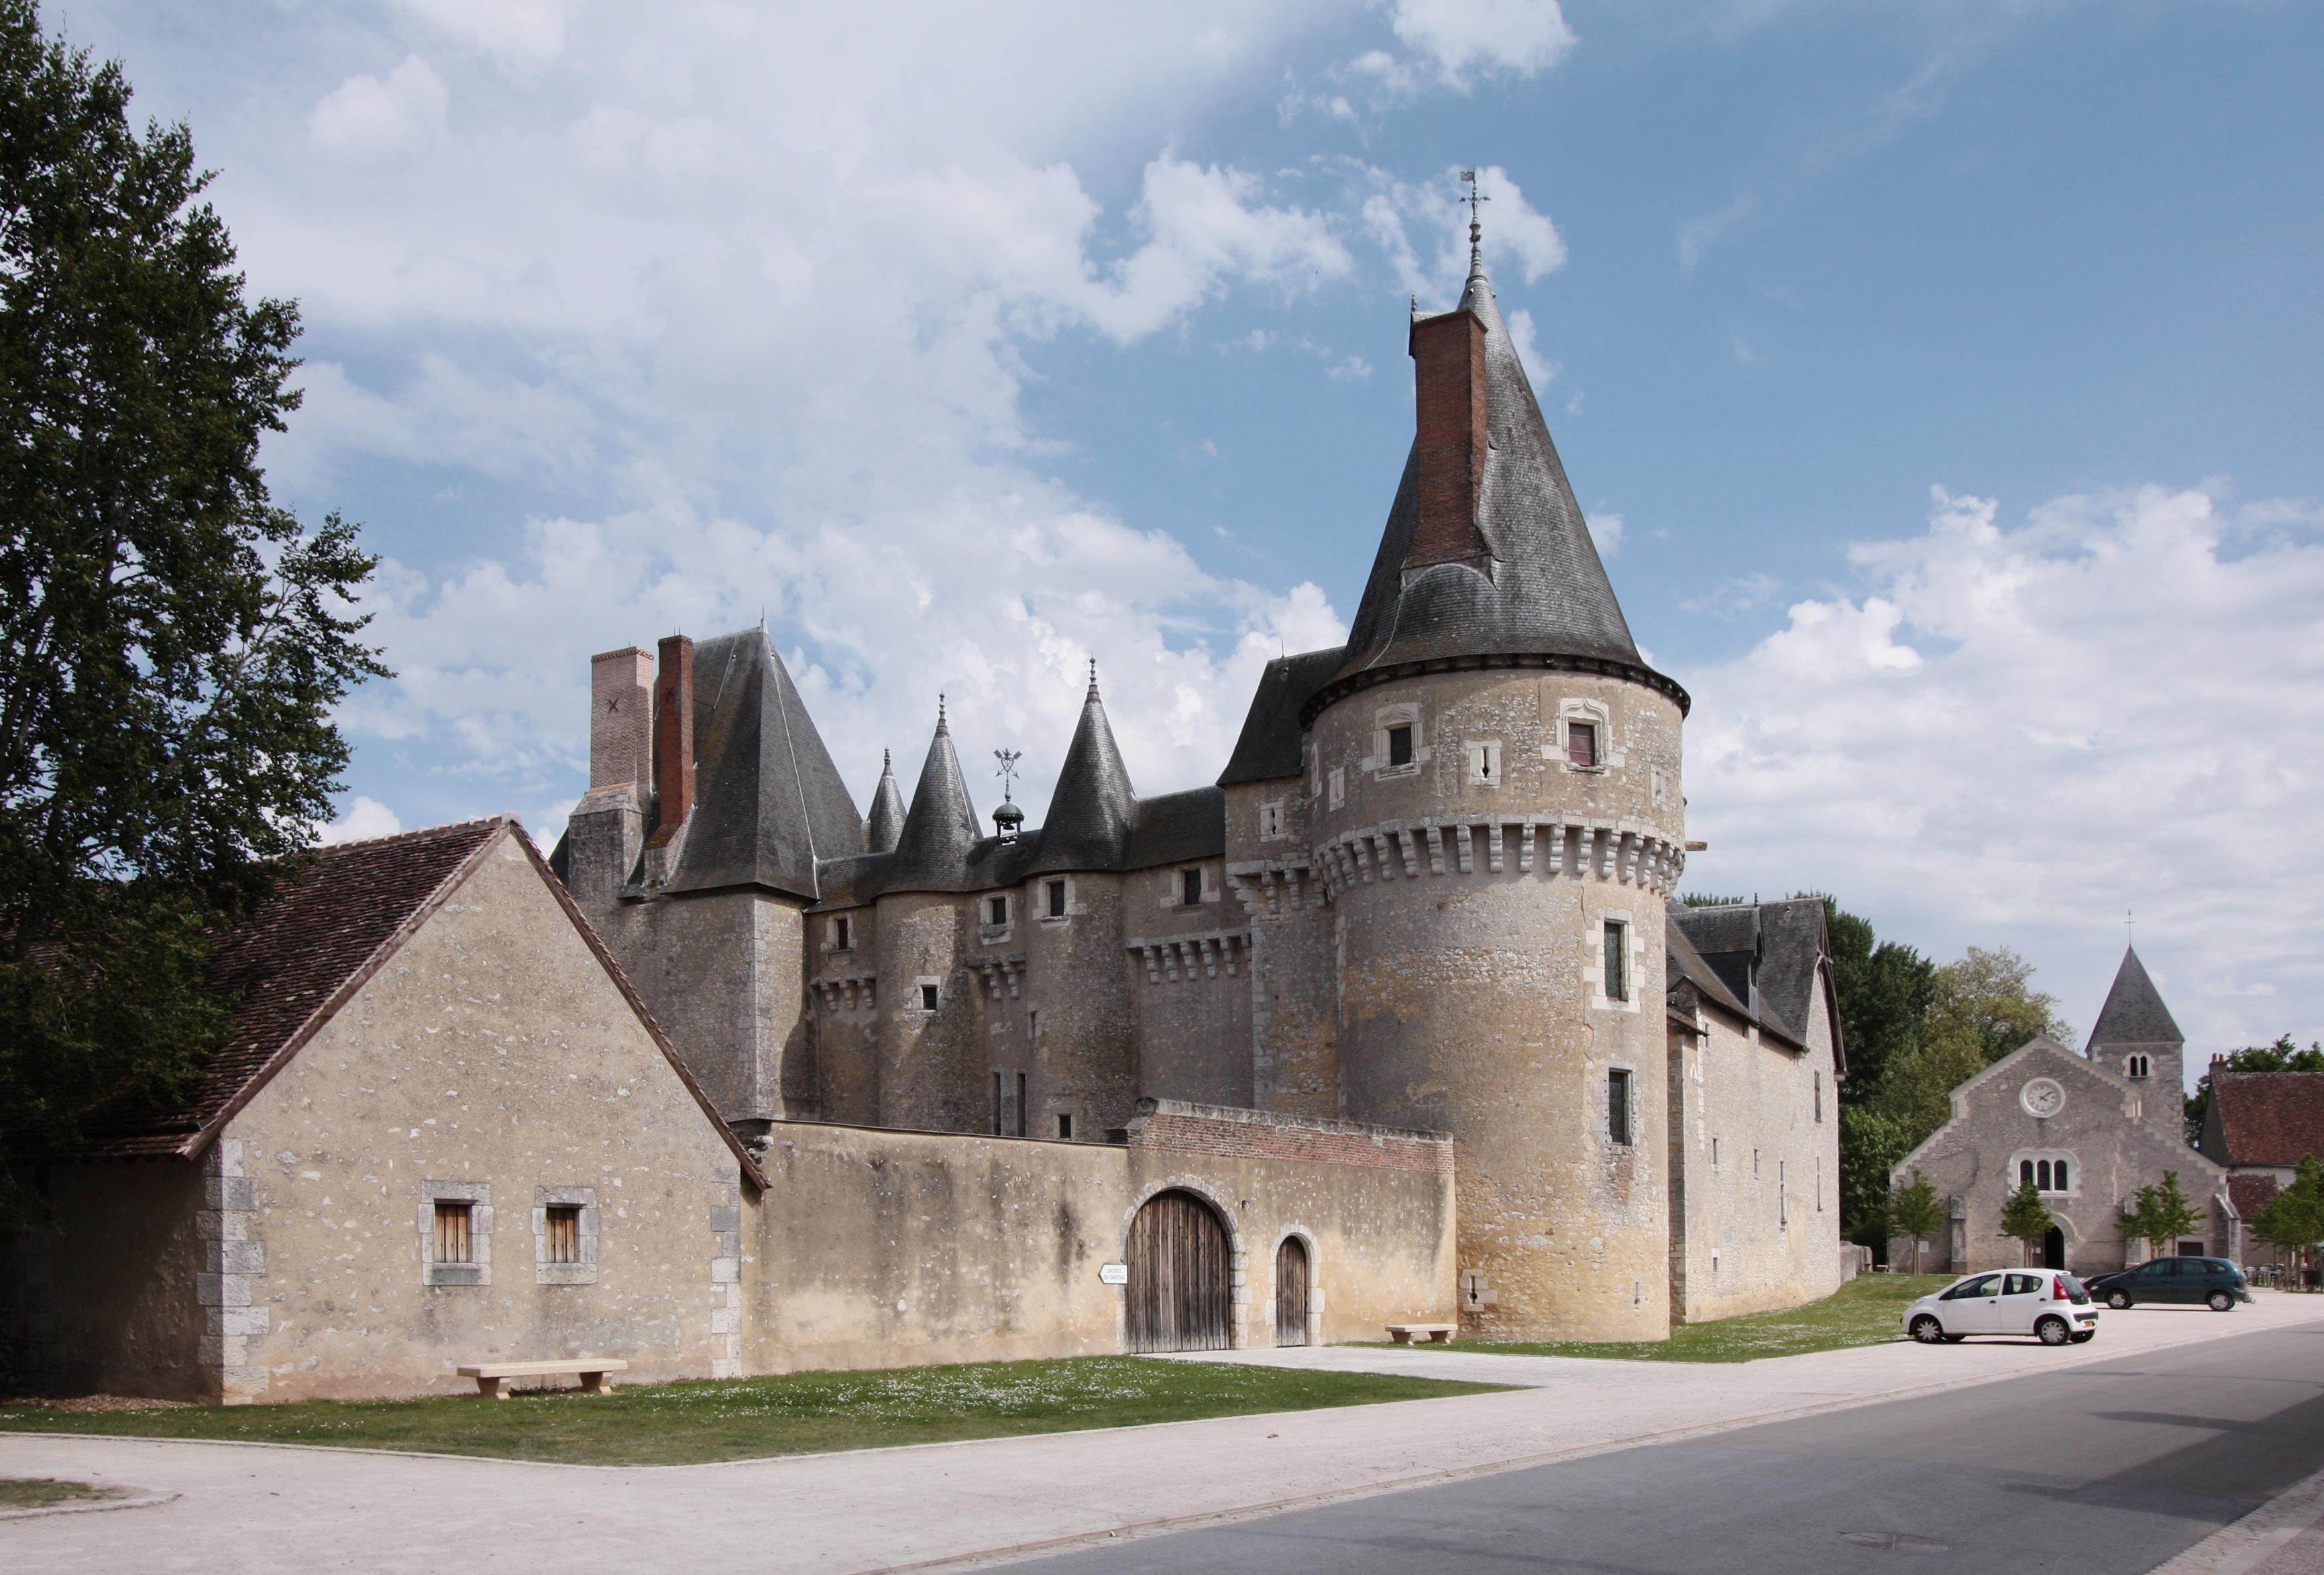 2232-chateau-de-fougeres-sur-bievre-41.jpg